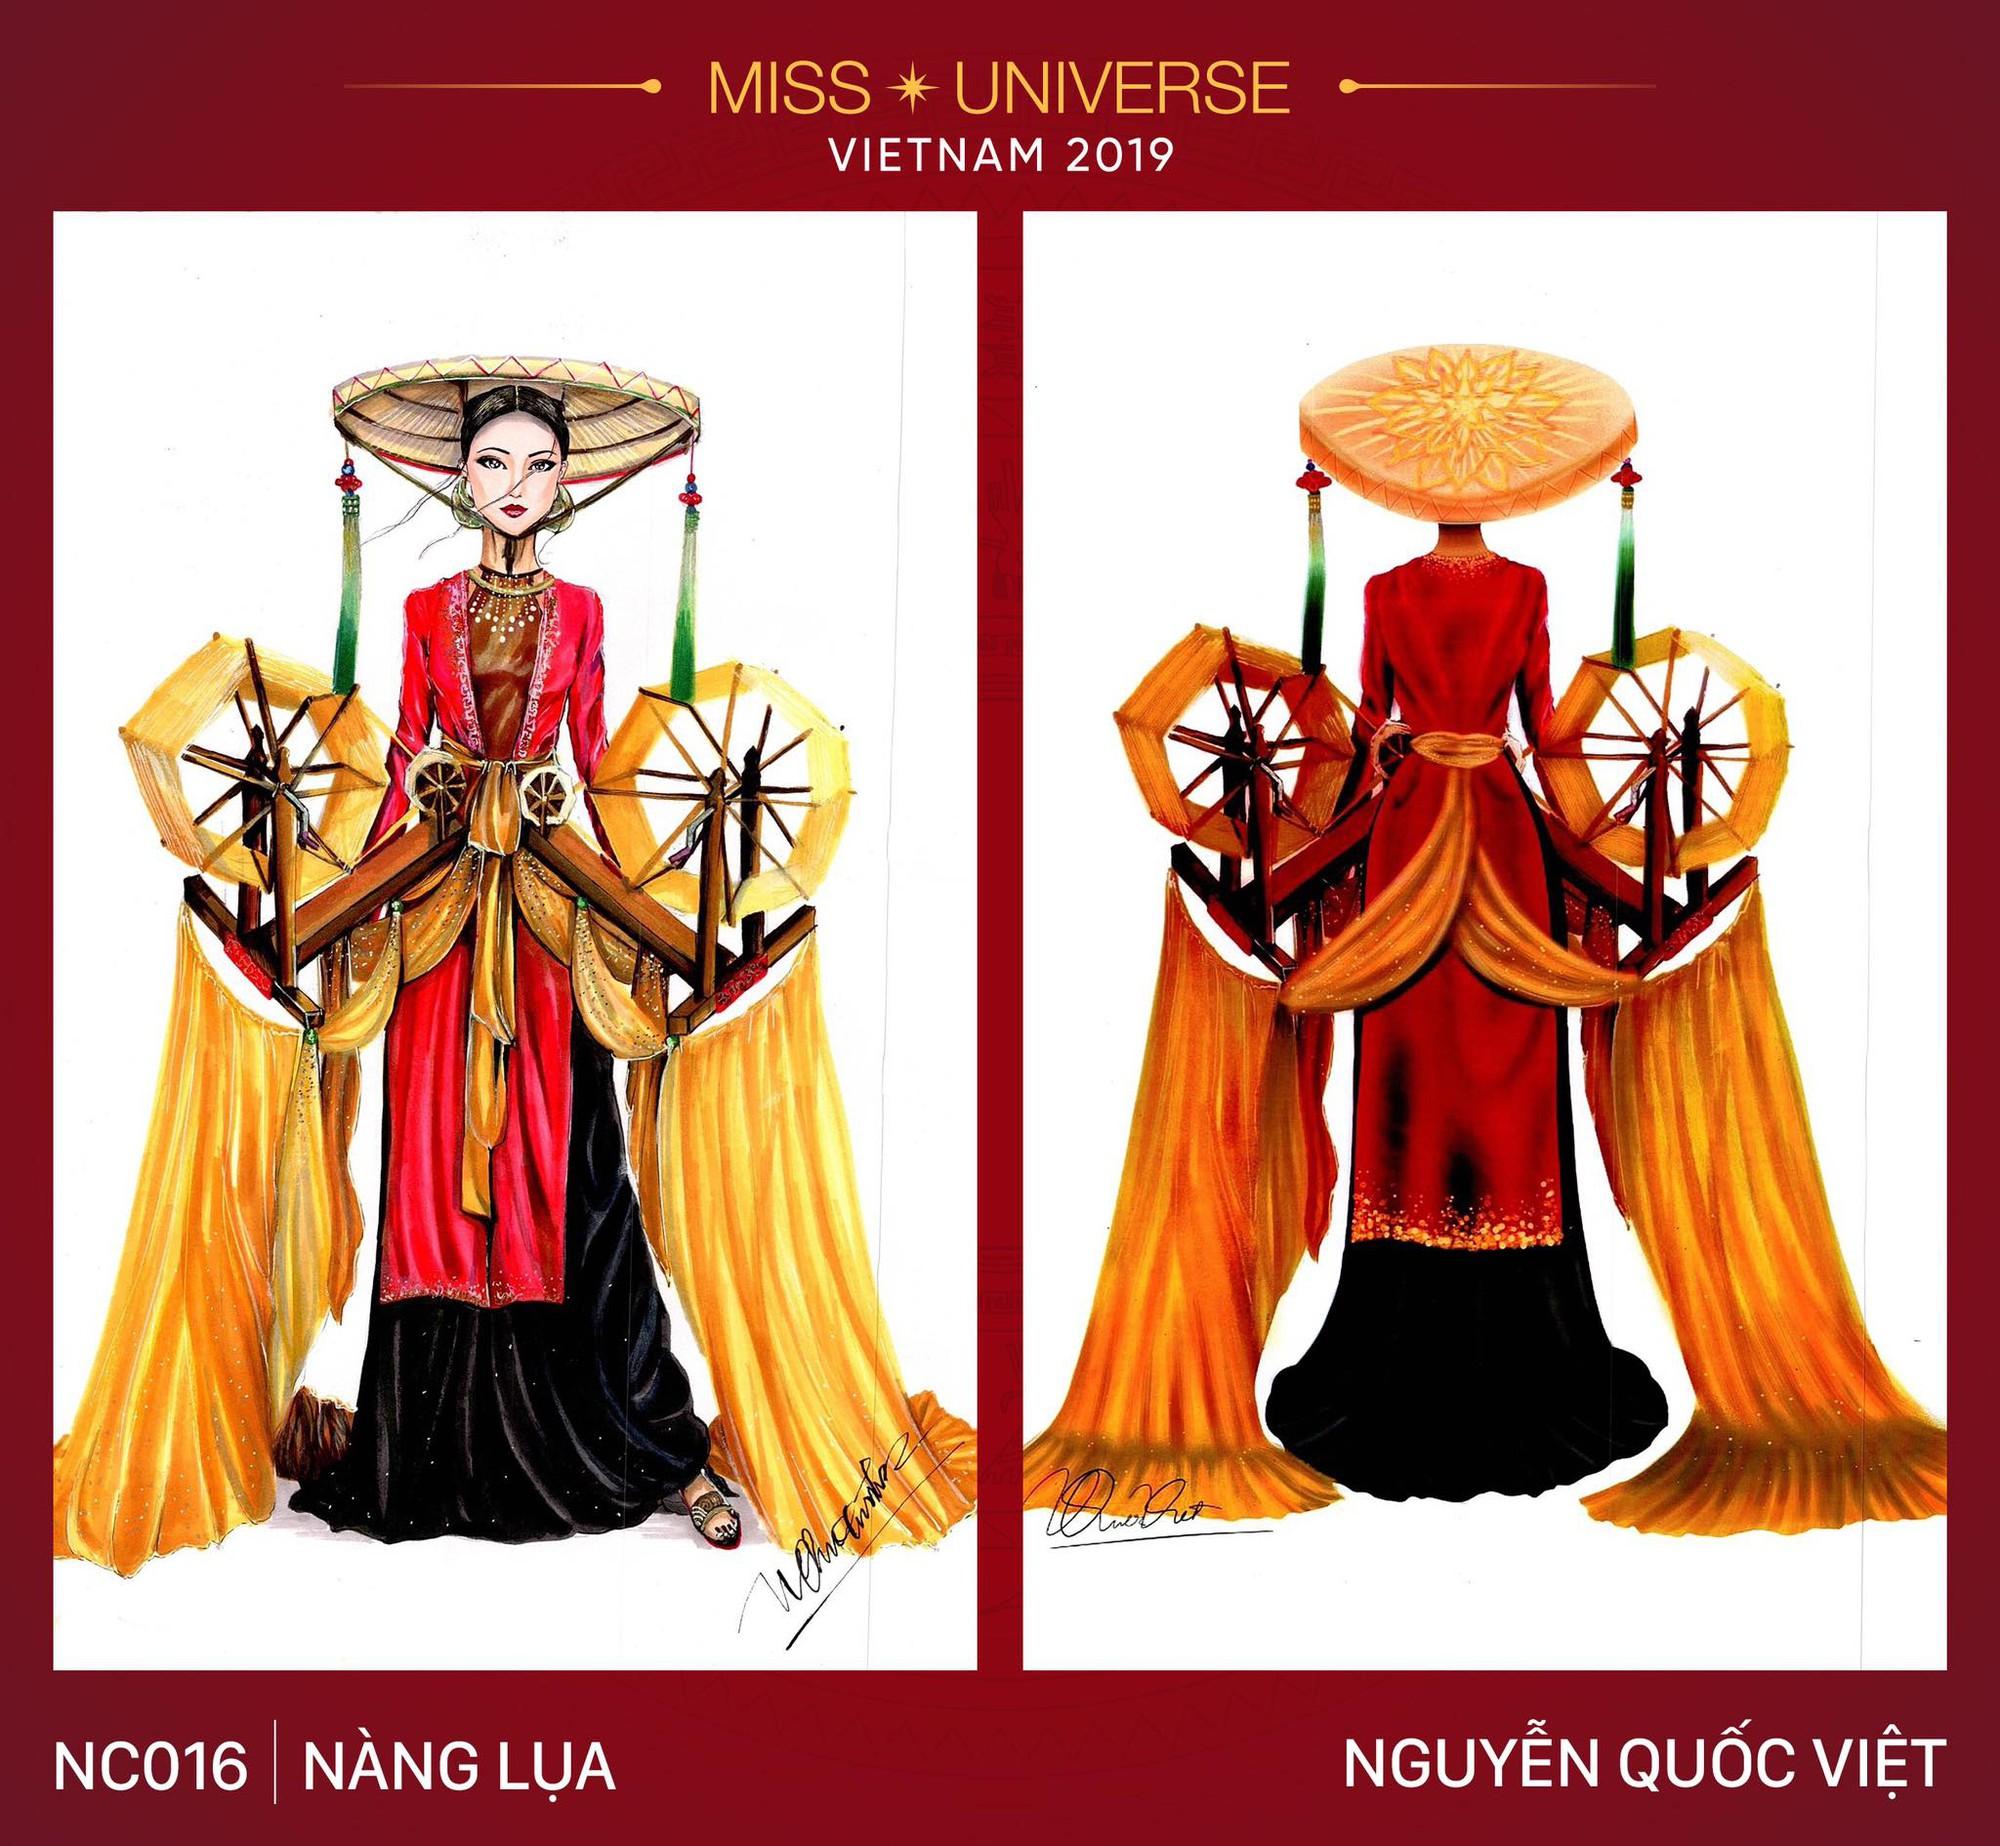 15 ý tưởng táo bạo dễ khiến Hoàng Thùy lọt Top tại Miss Universe 2019 - Ảnh 7.